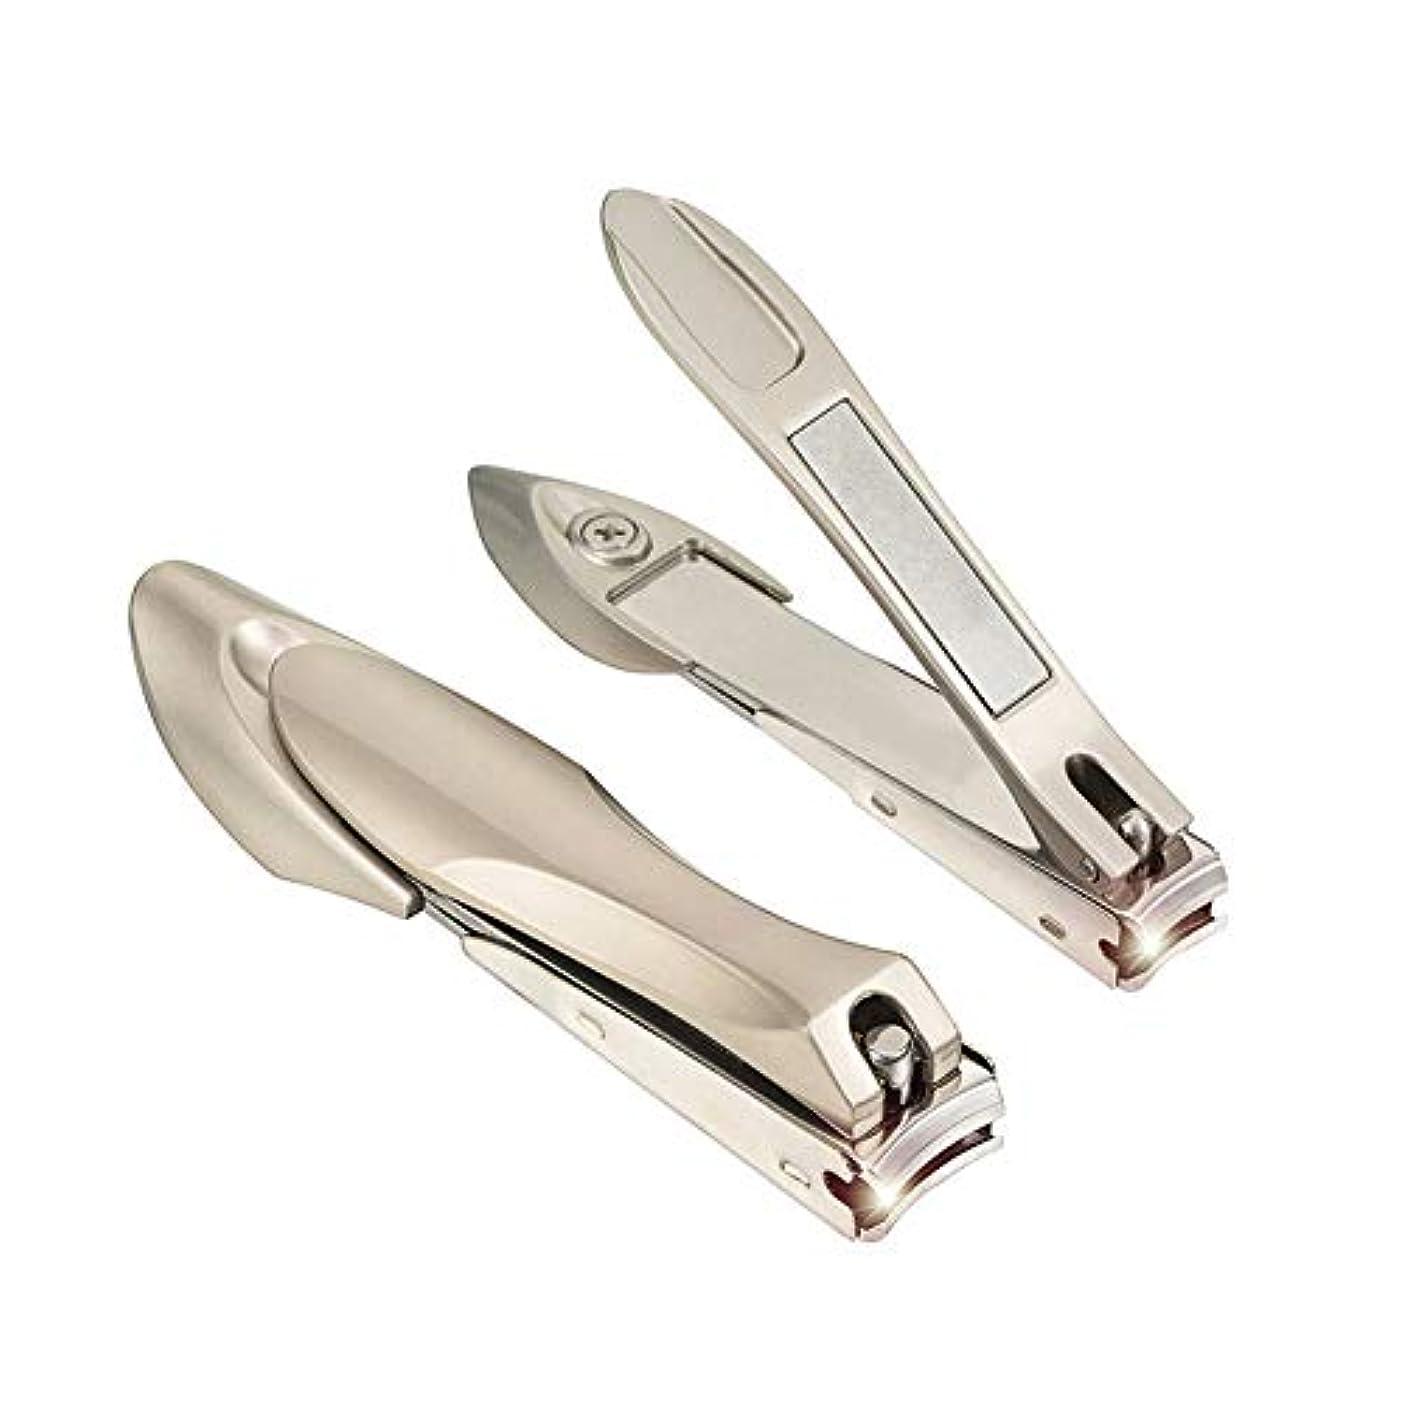 あごひげ病気のスマイル爪切り と キャッチャー、 プロフェッショナル ステンレス鋼 アンチスプラッシュ 爪 そして 足の爪 クリッパー カッター、 トリマーセット ために 男性 そして 女性たち